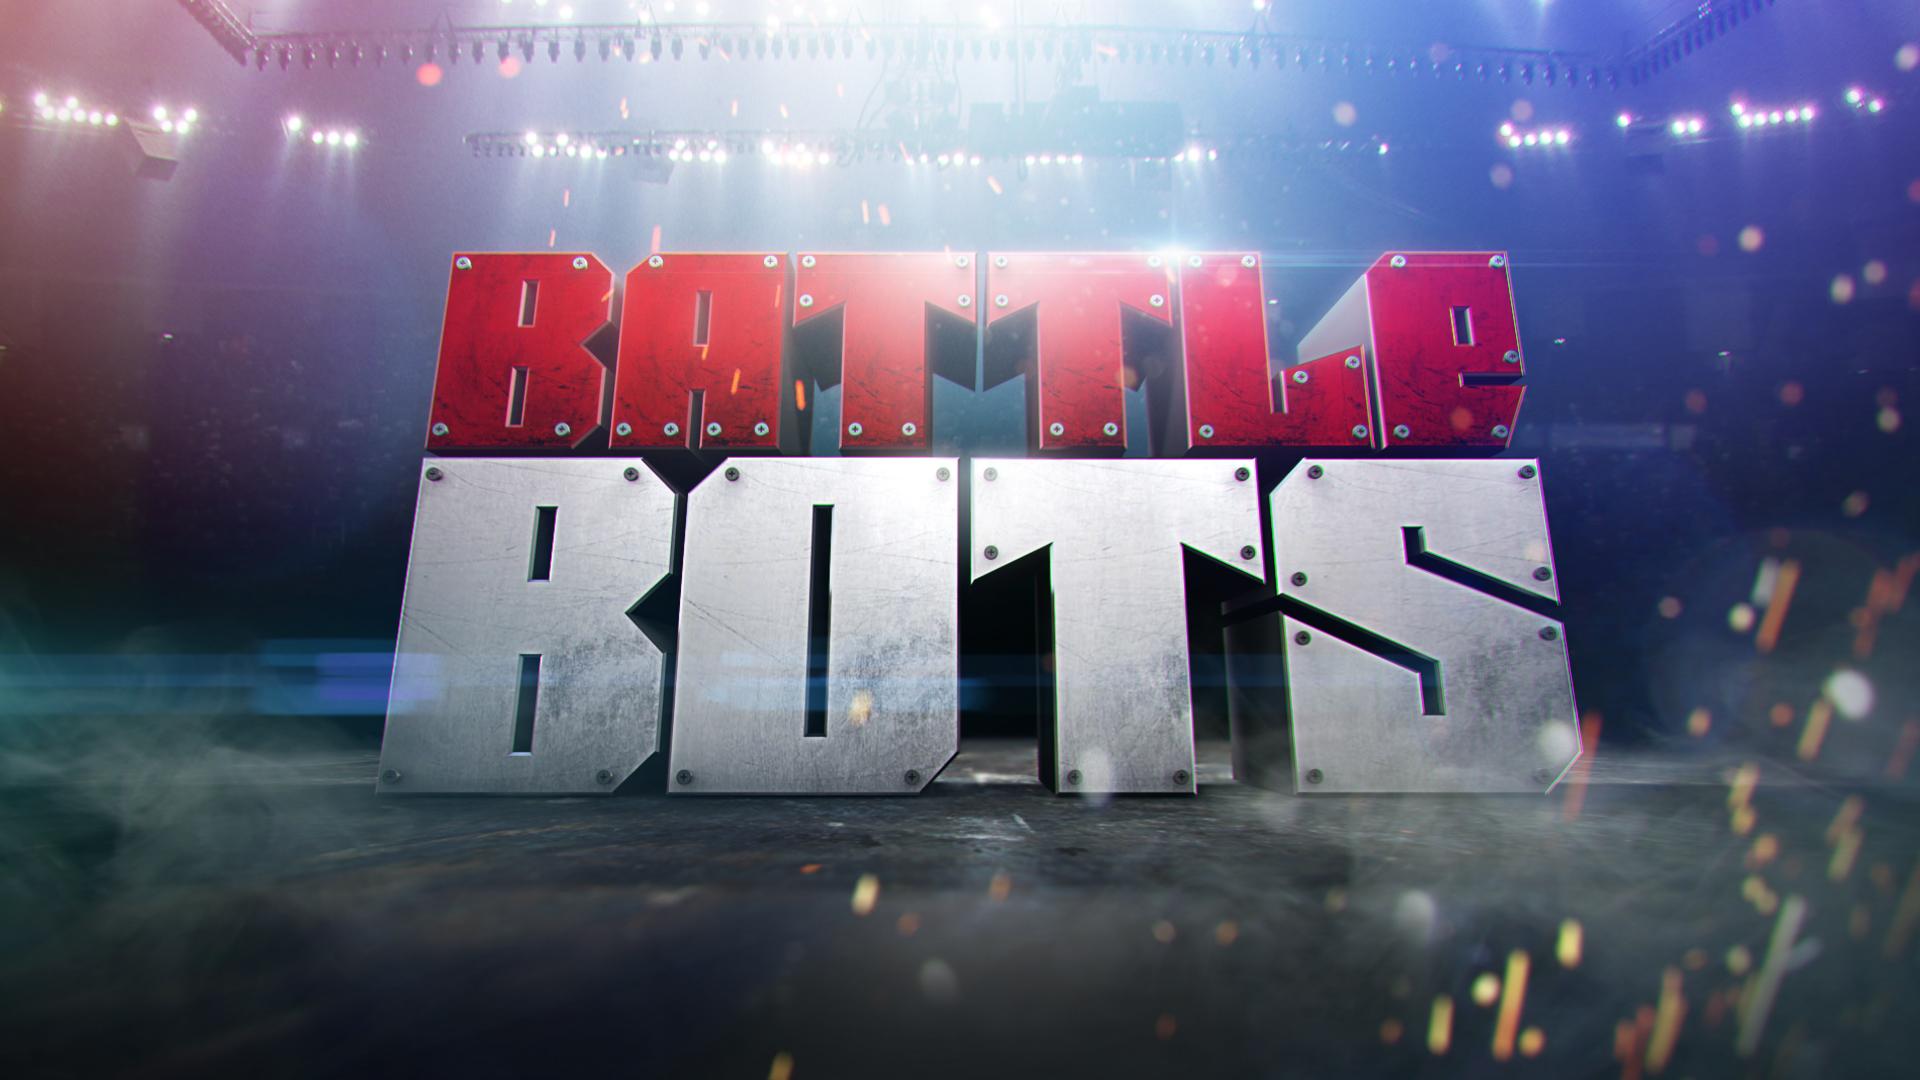 BattleBots_am_metal_02.jpg